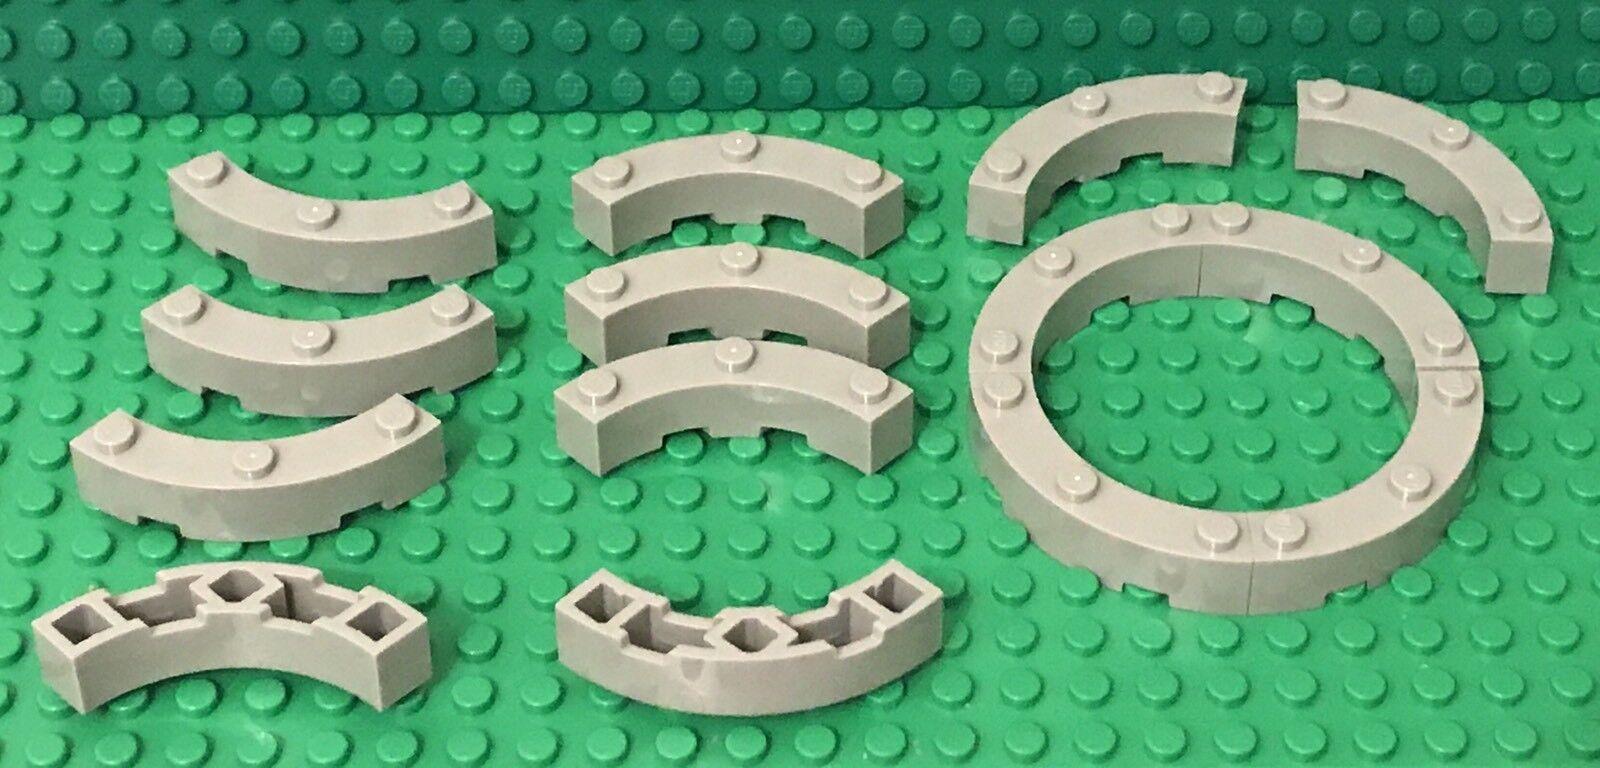 4x Lego 48092 Brick Round Corner 4 x 4 Macaroni Wide w// 3 Studs Red